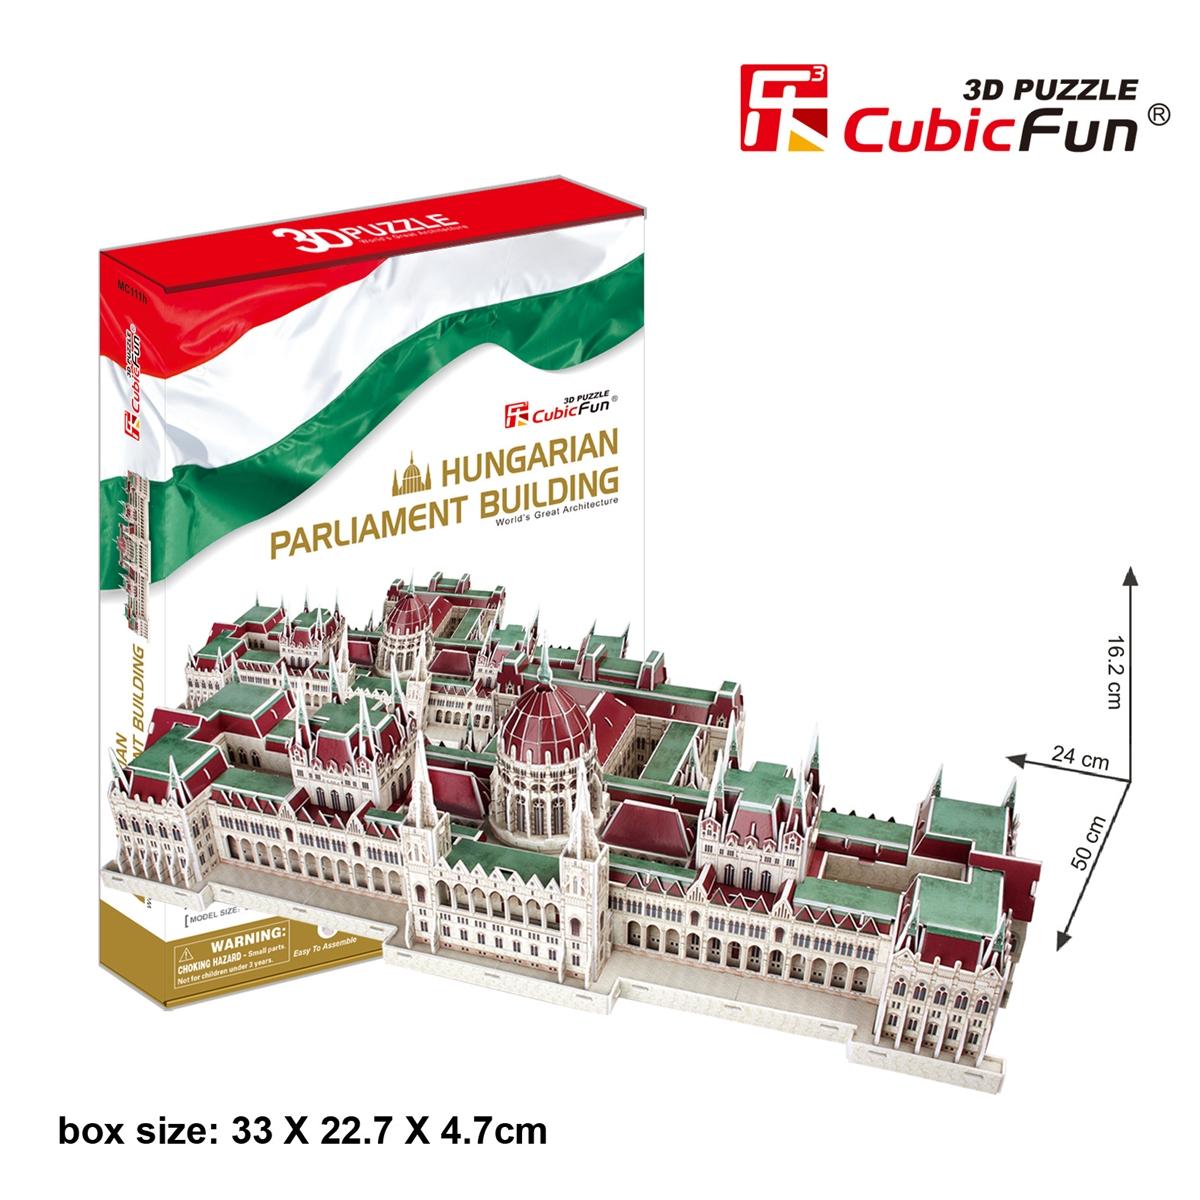 Cubic Fun 3D Puzzle Hungarian Parliament Building Model 50*24*16.2 CM. 237 Pieces